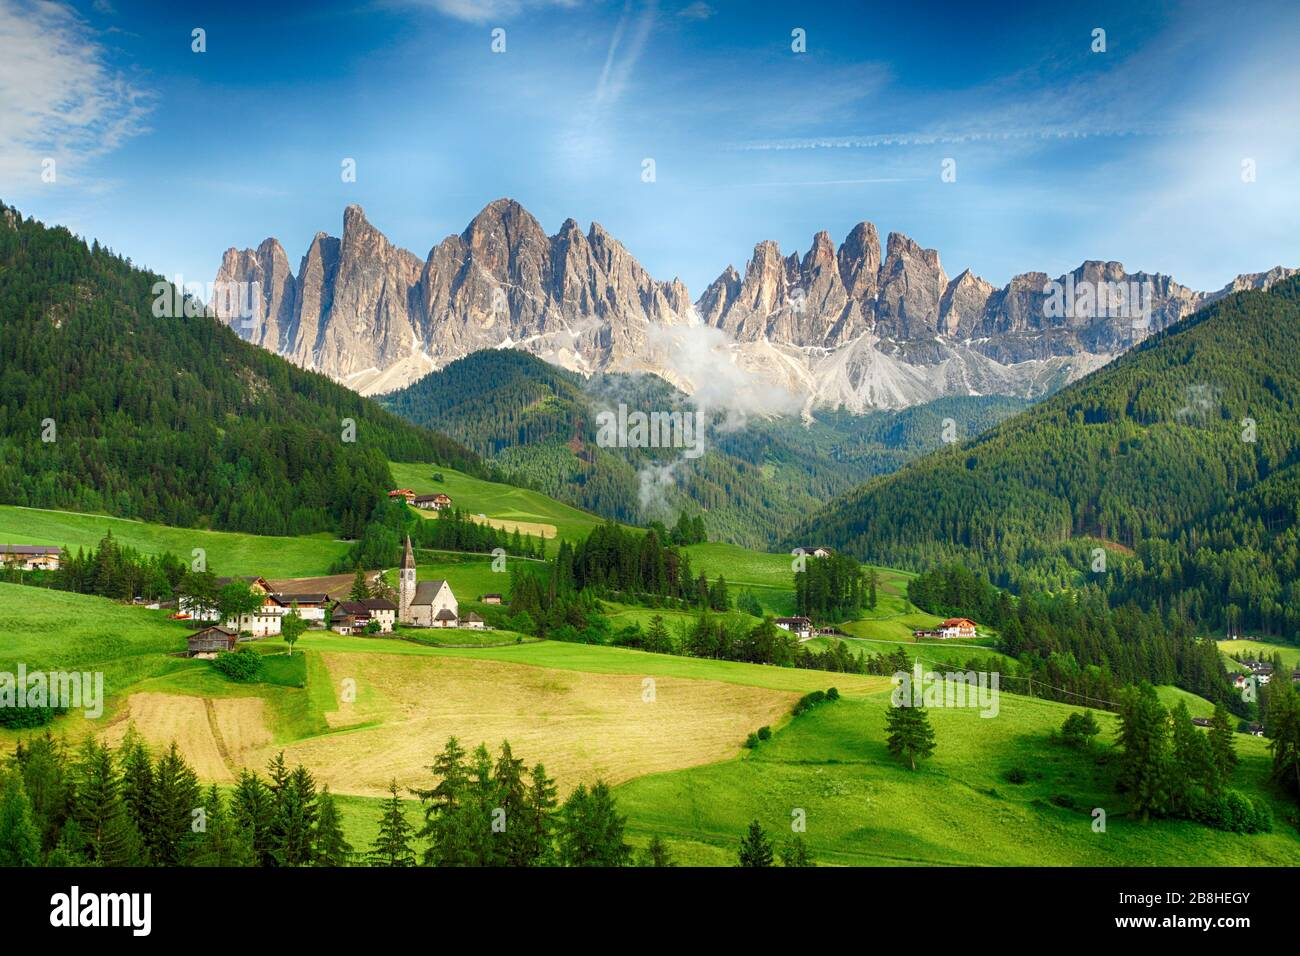 Vue sur la campagne de Santa Maddalena dans le parc national Puez Odle ou les sommets Geisler. Dolomites, Tyrol du Sud. Emplacement Bolzano, Italie, Europe. Banque D'Images